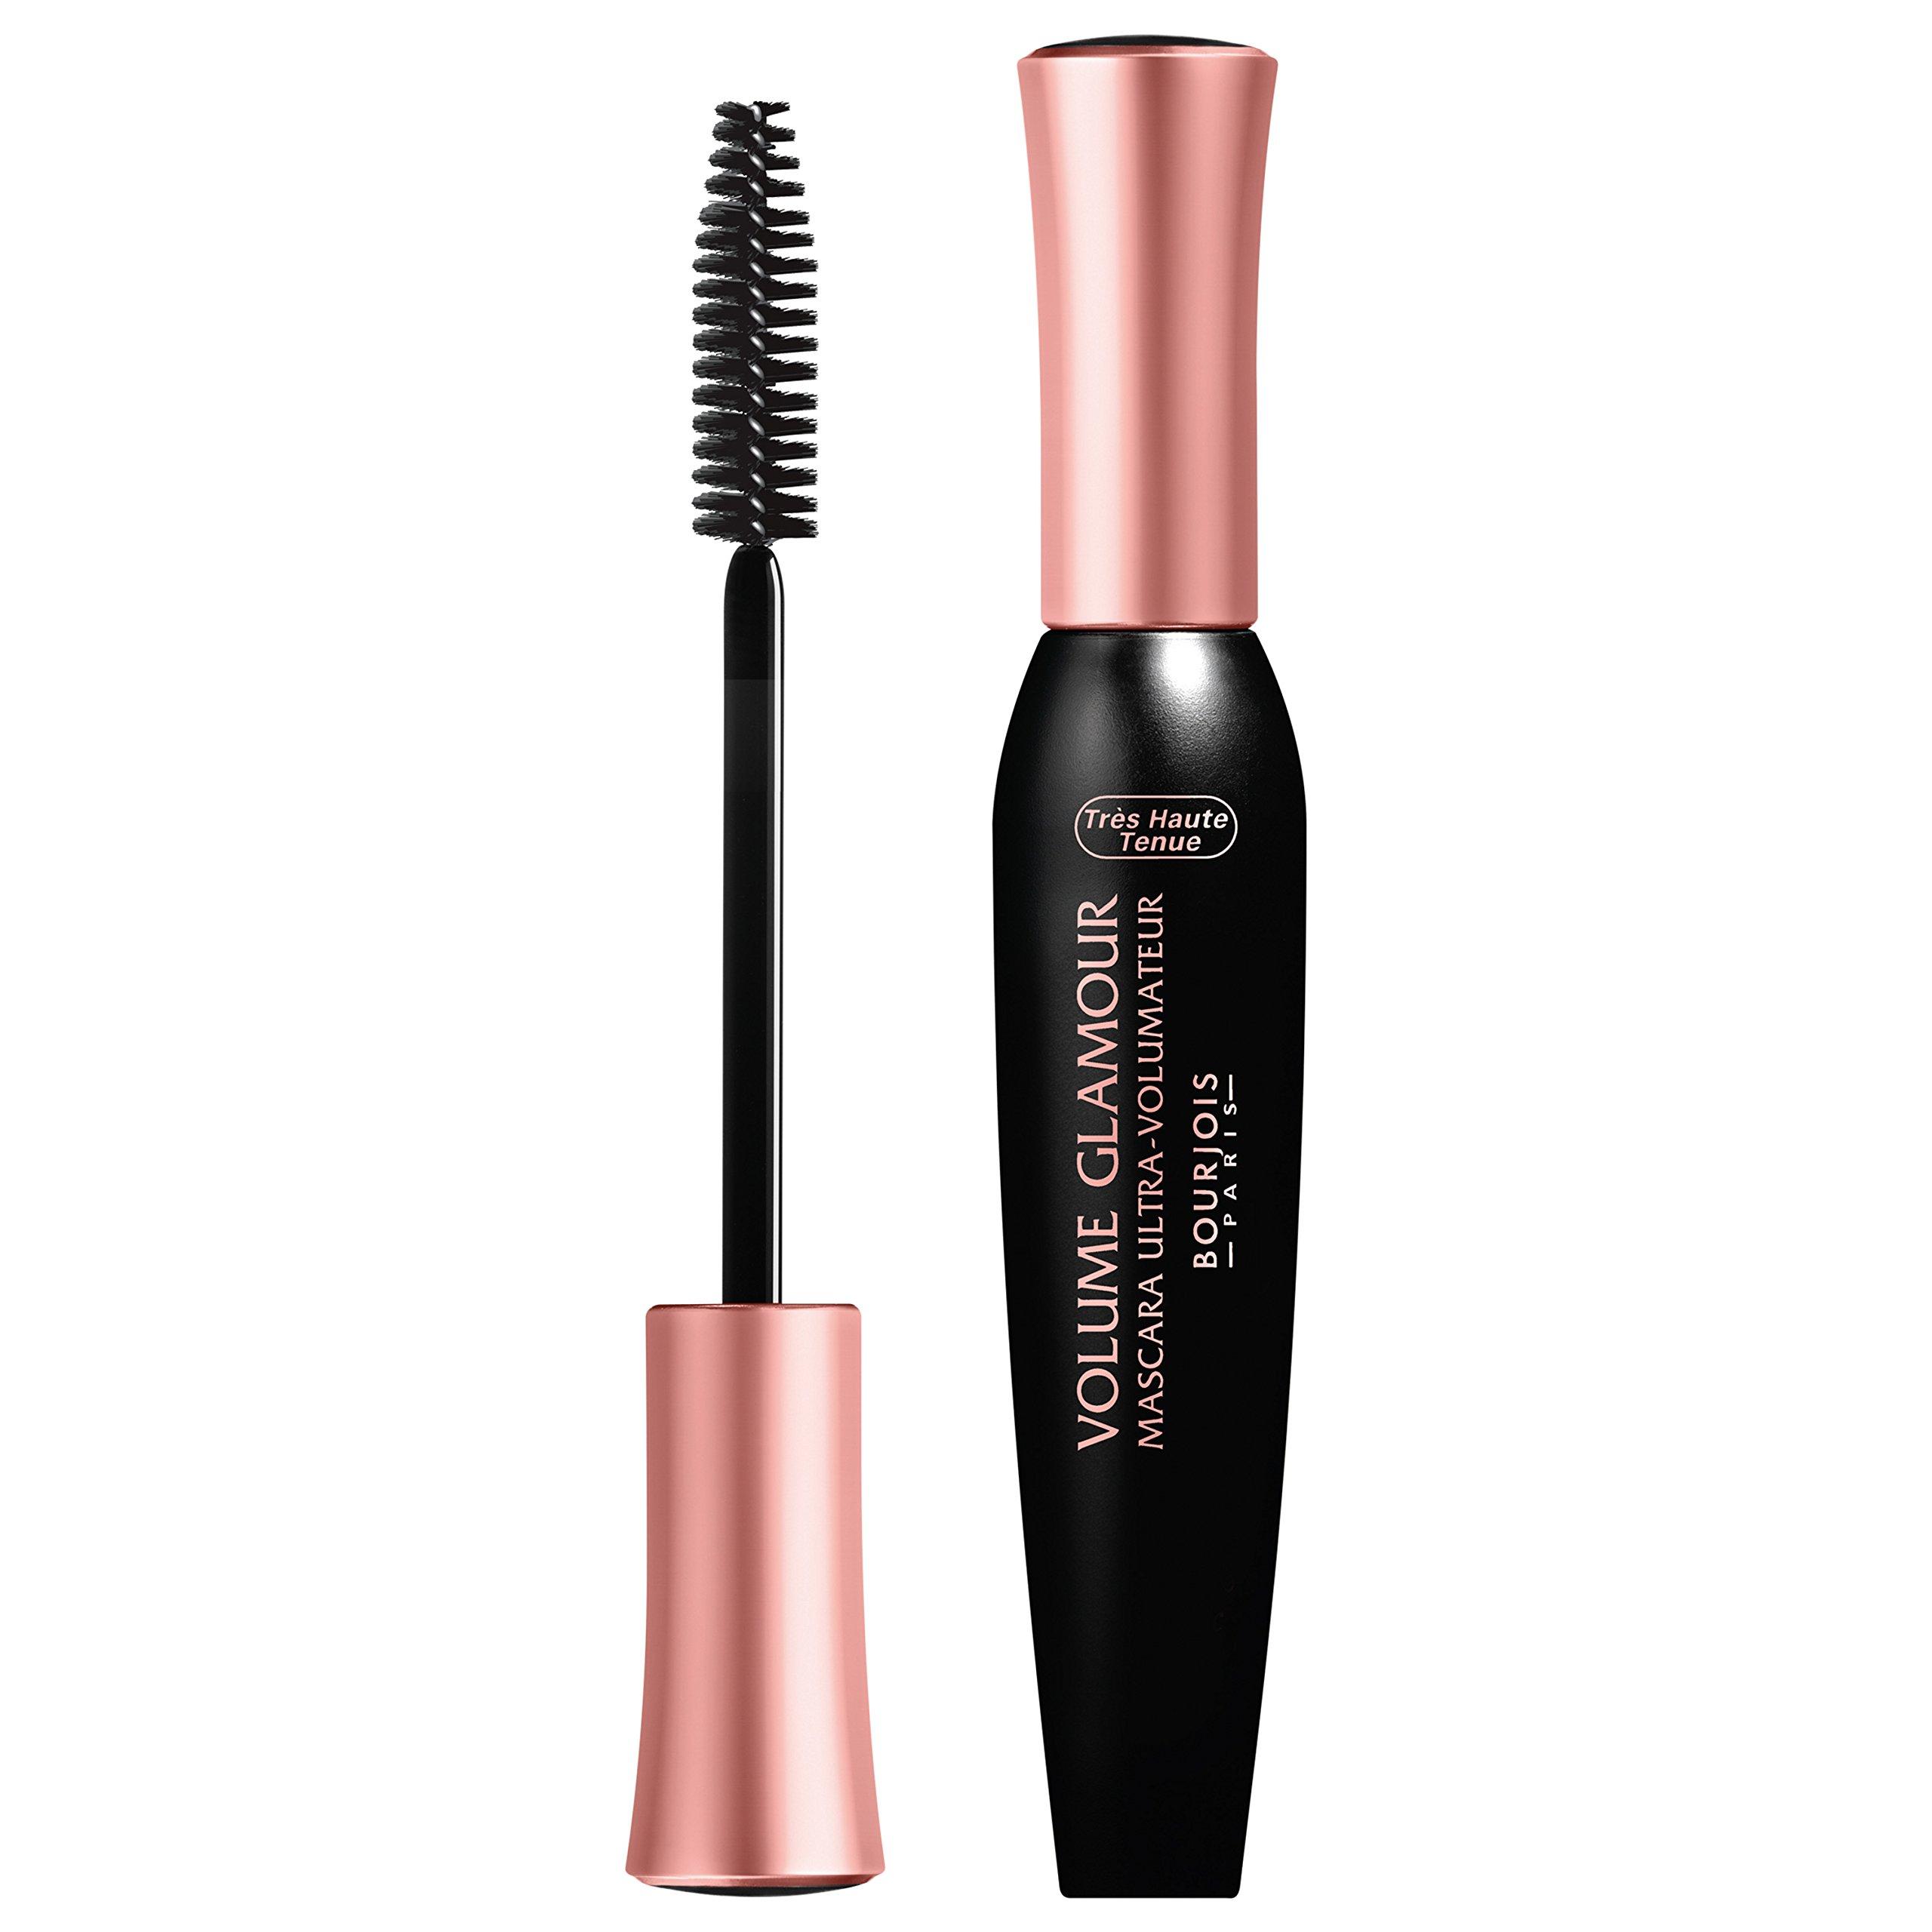 Bourjois Volume Glamour Mascara for Women, 06 Noir Ebene, 0.4 Ounce